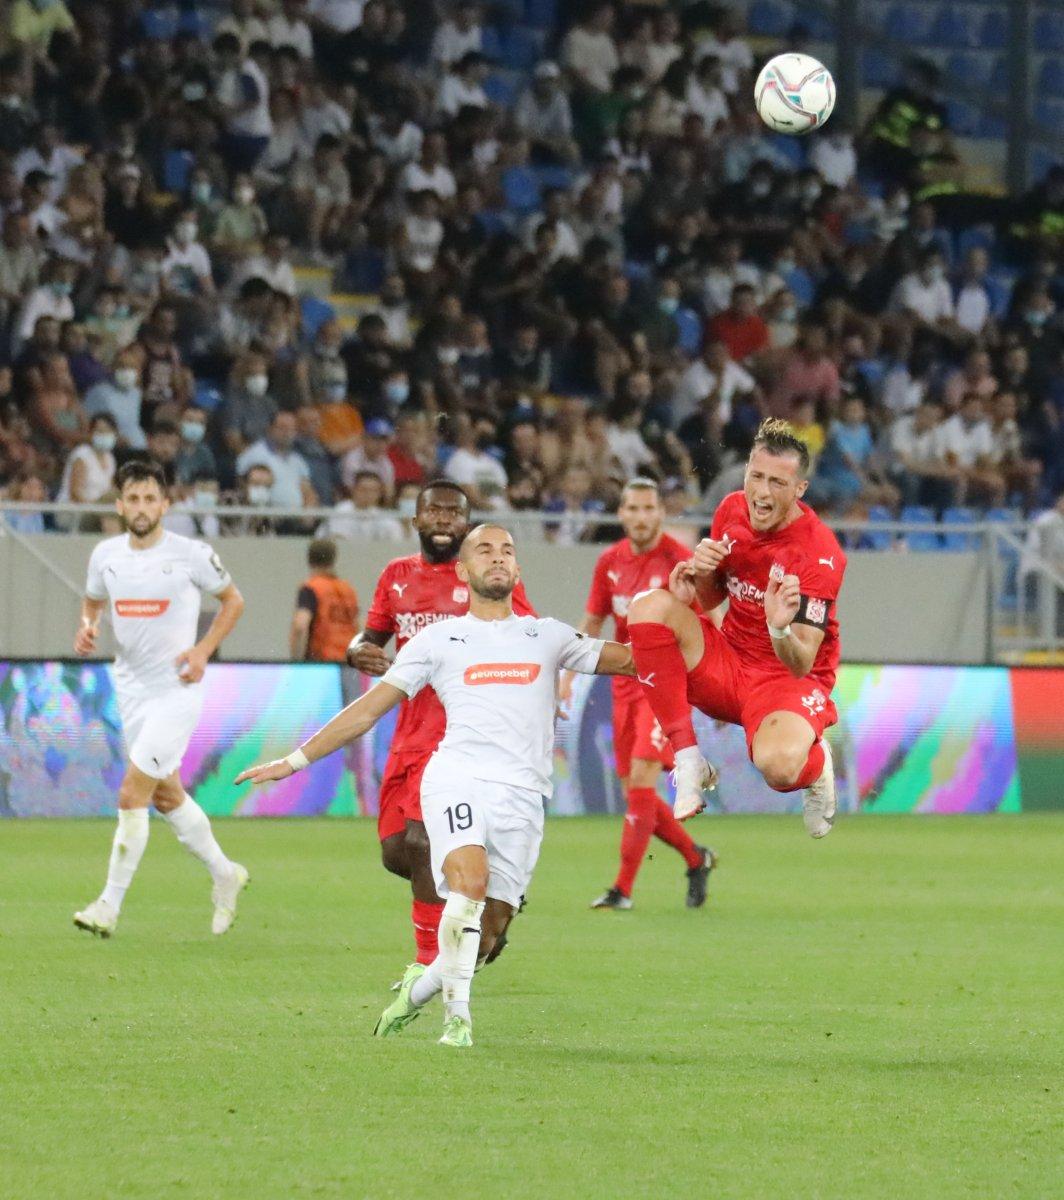 Sivasspor, Dinamo Batumi yi 2 golle geçti #3